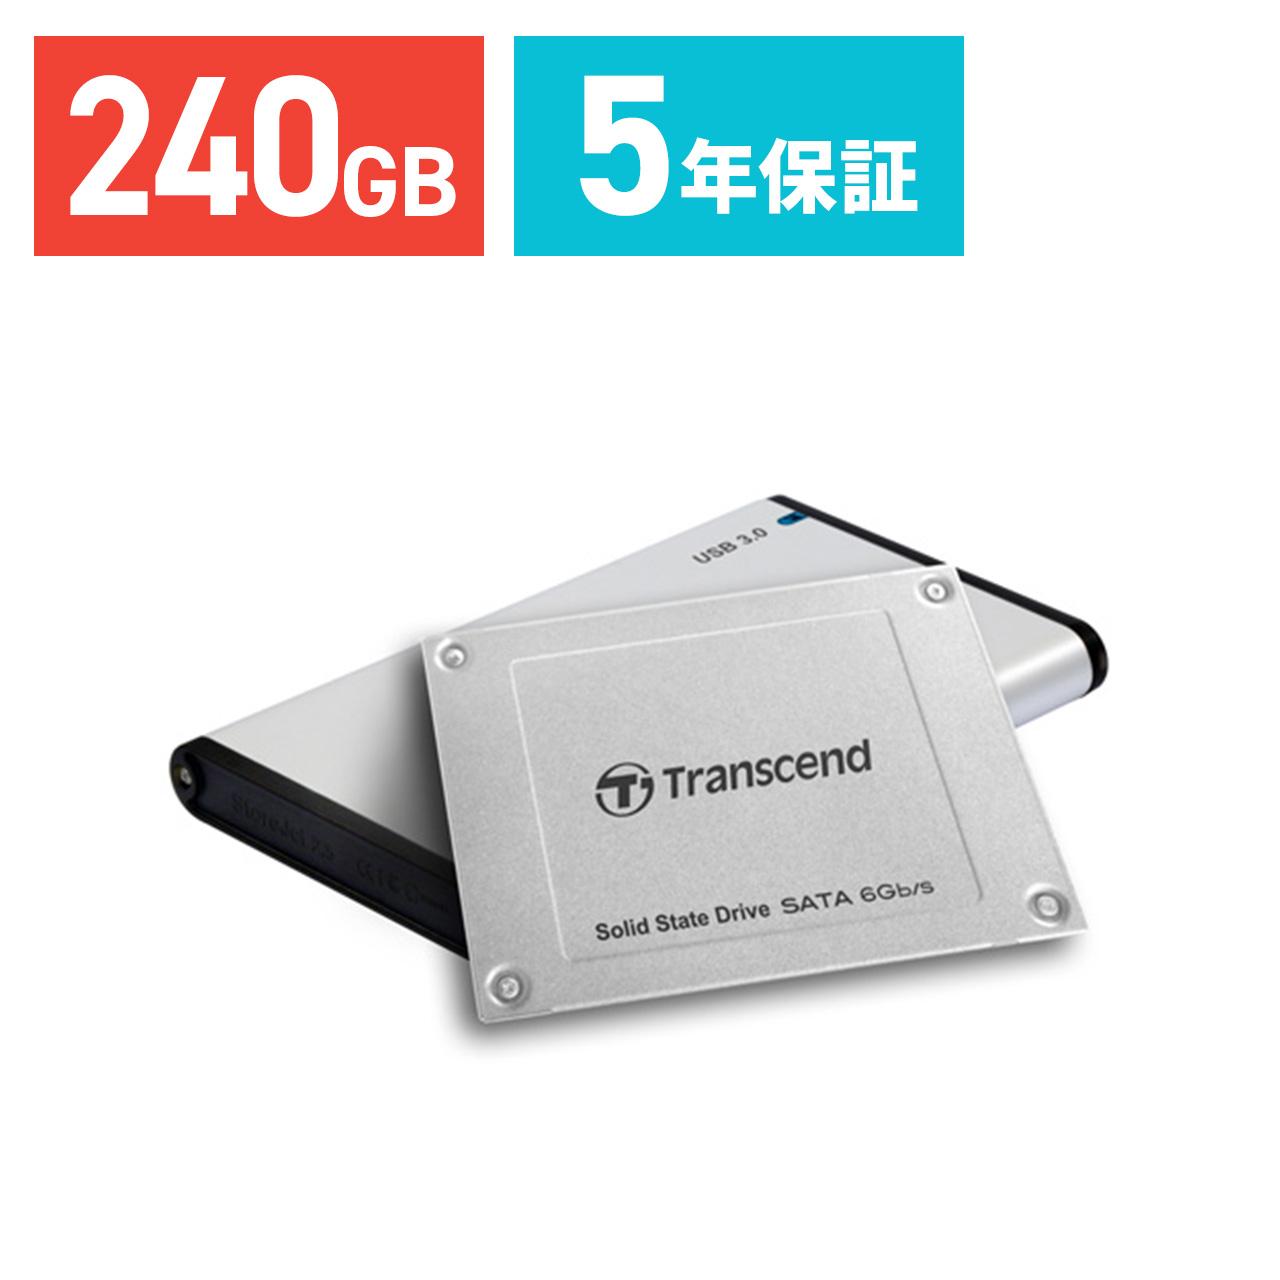 【4月4日値下げしました】Transcend 420 SSD MacBook JetDrive Pro/MacBook/Mac 240GB mini専用アップグレードキット 240GB JetDrive 420 SATAIII対応 [TS240GJDM420]【送料無料】, 高野口町:ec1a5a8a --- sunward.msk.ru